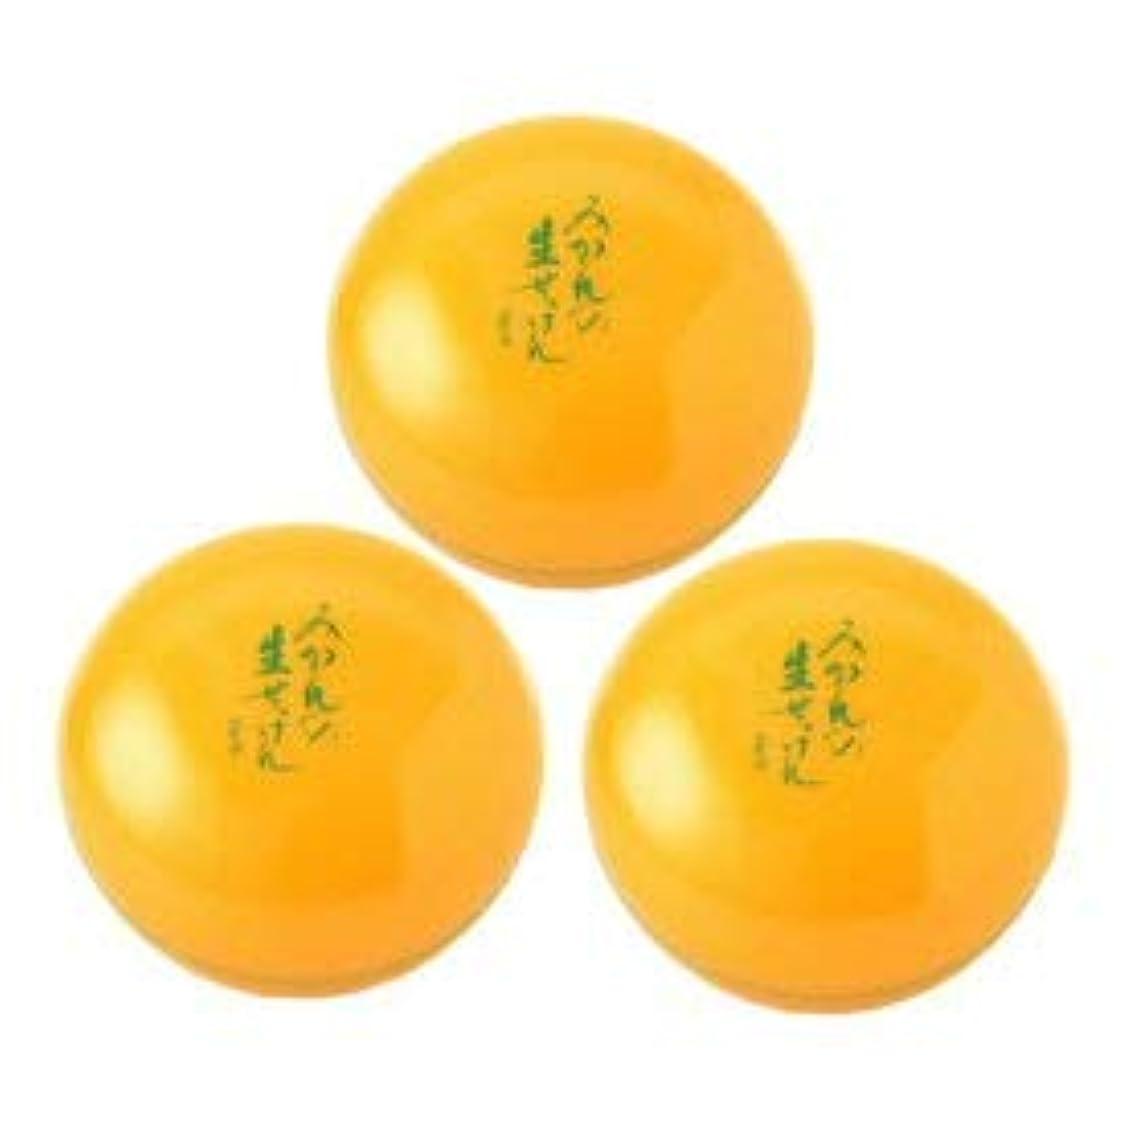 おなじみの保持人間UYEKI美香柑みかんの生せっけん50g×3個セット